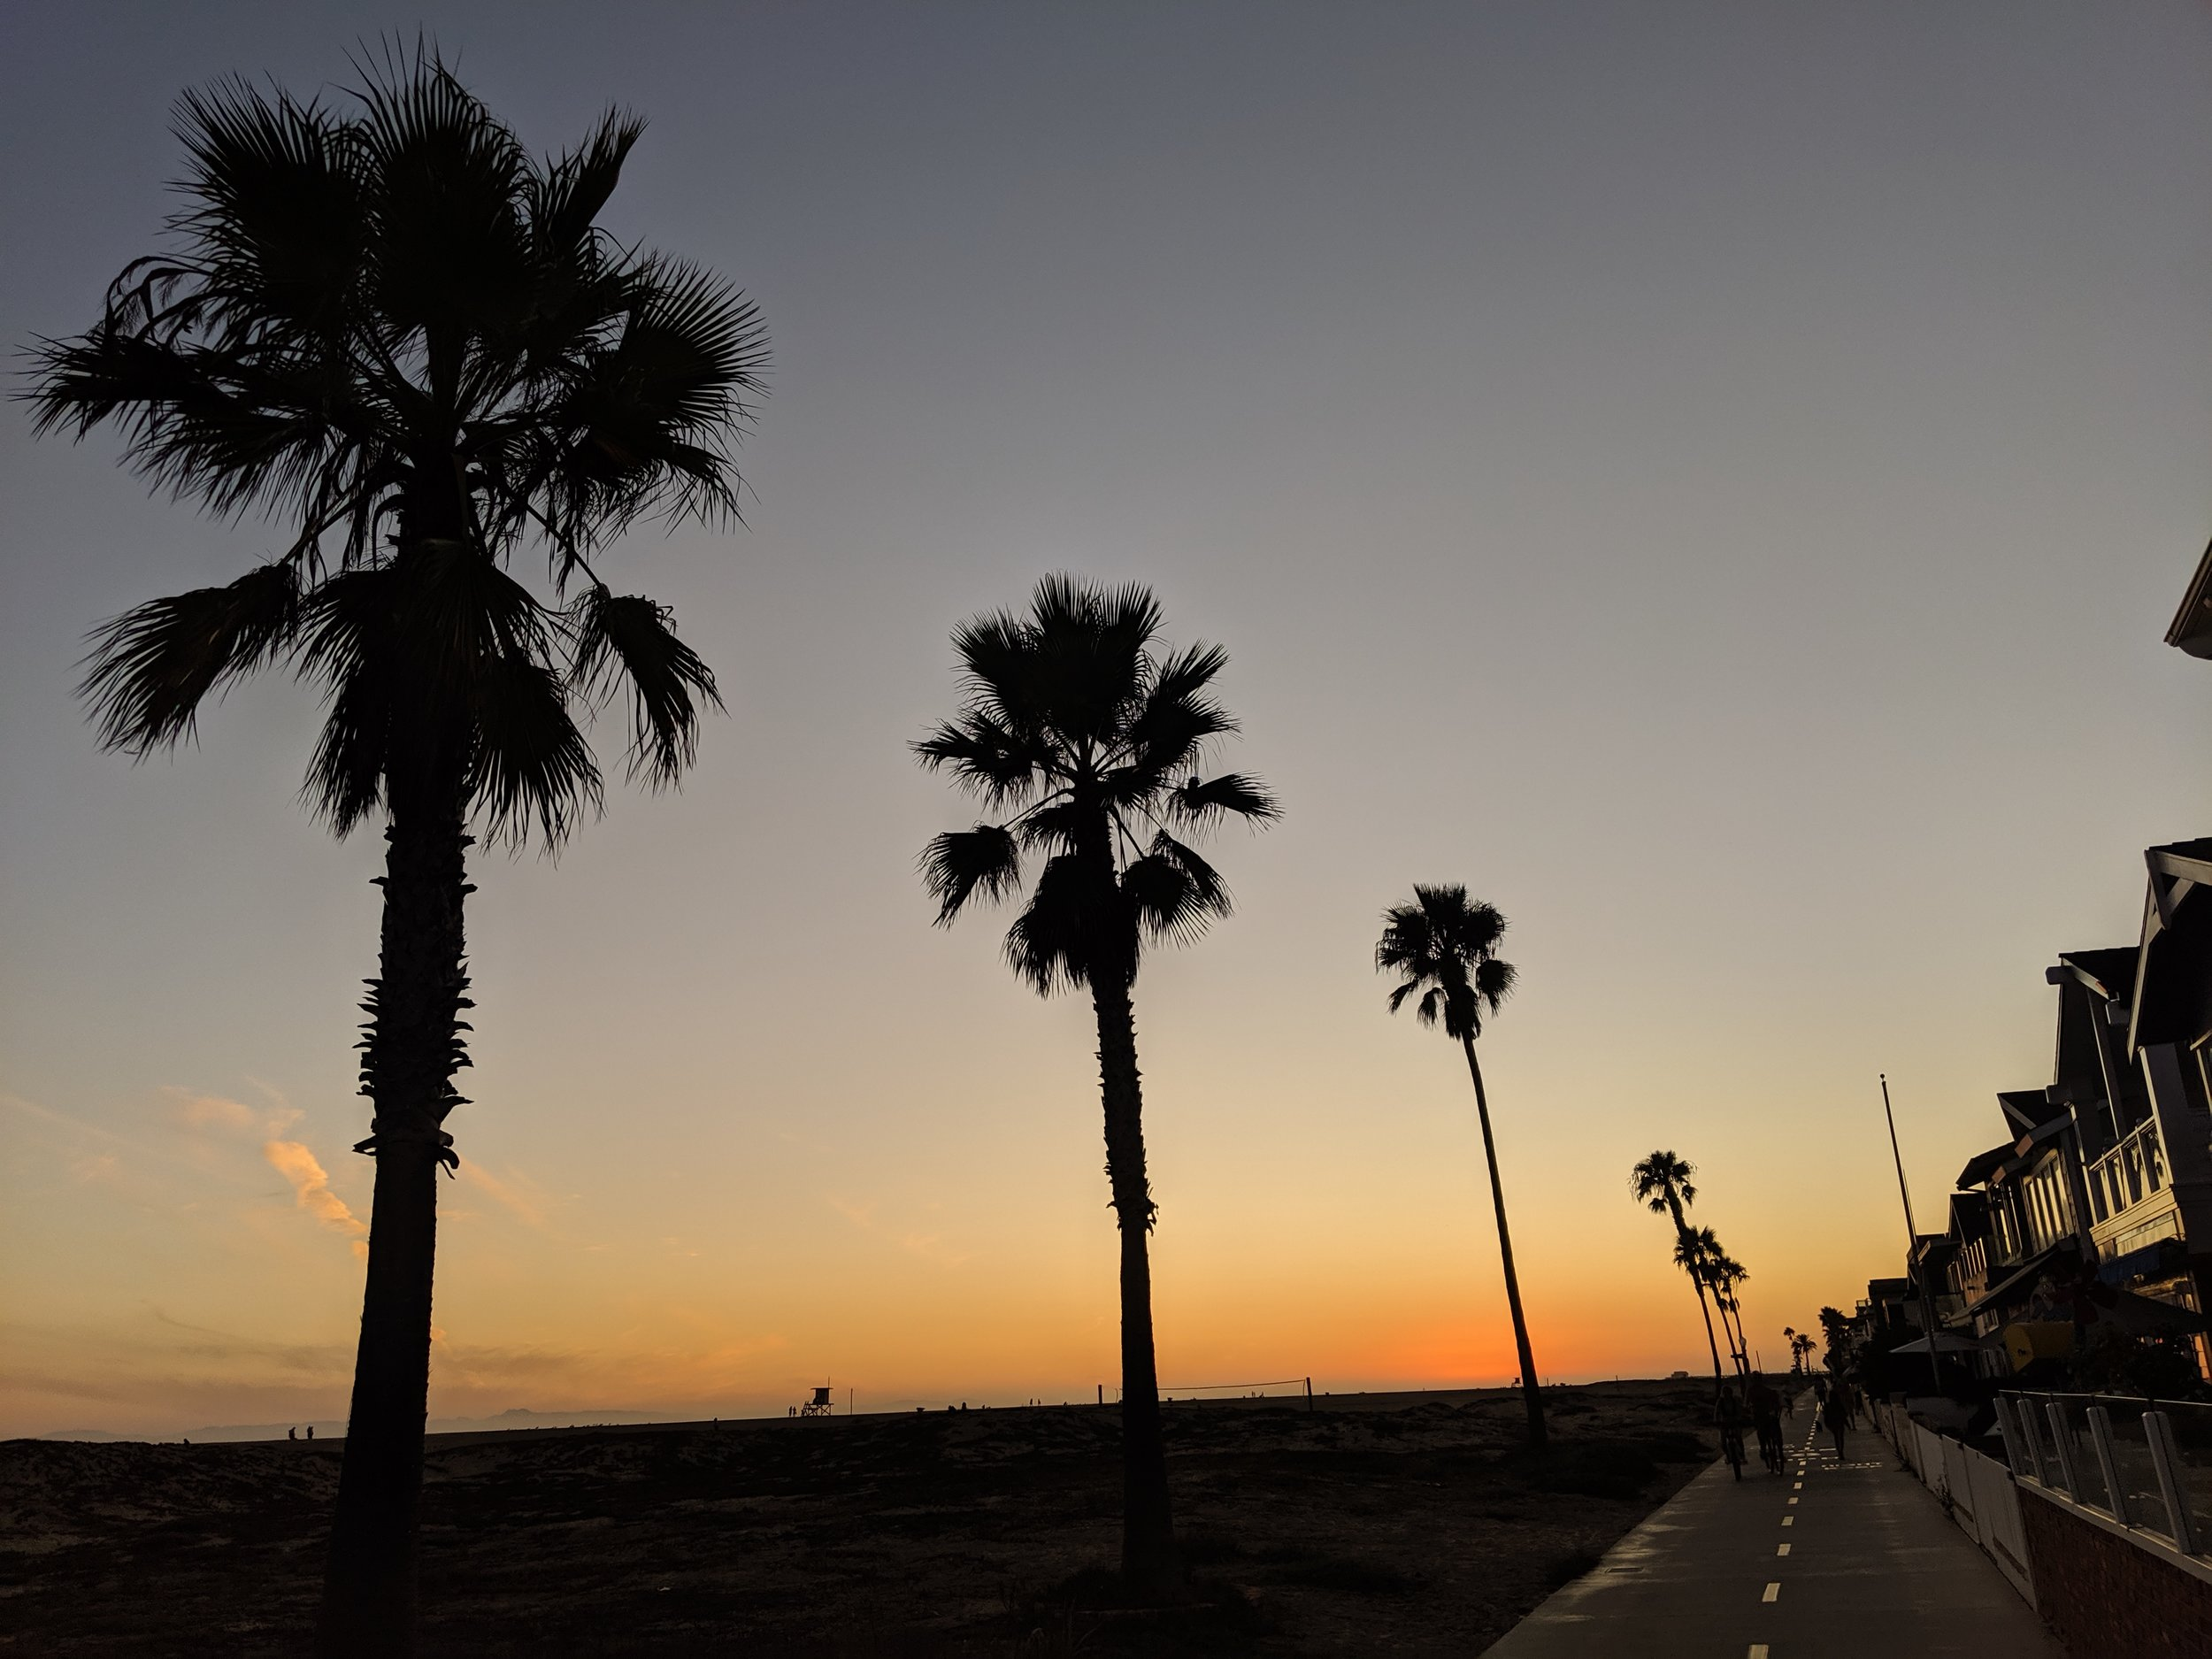 Balboa Penninsula, Newport Beach, Ca